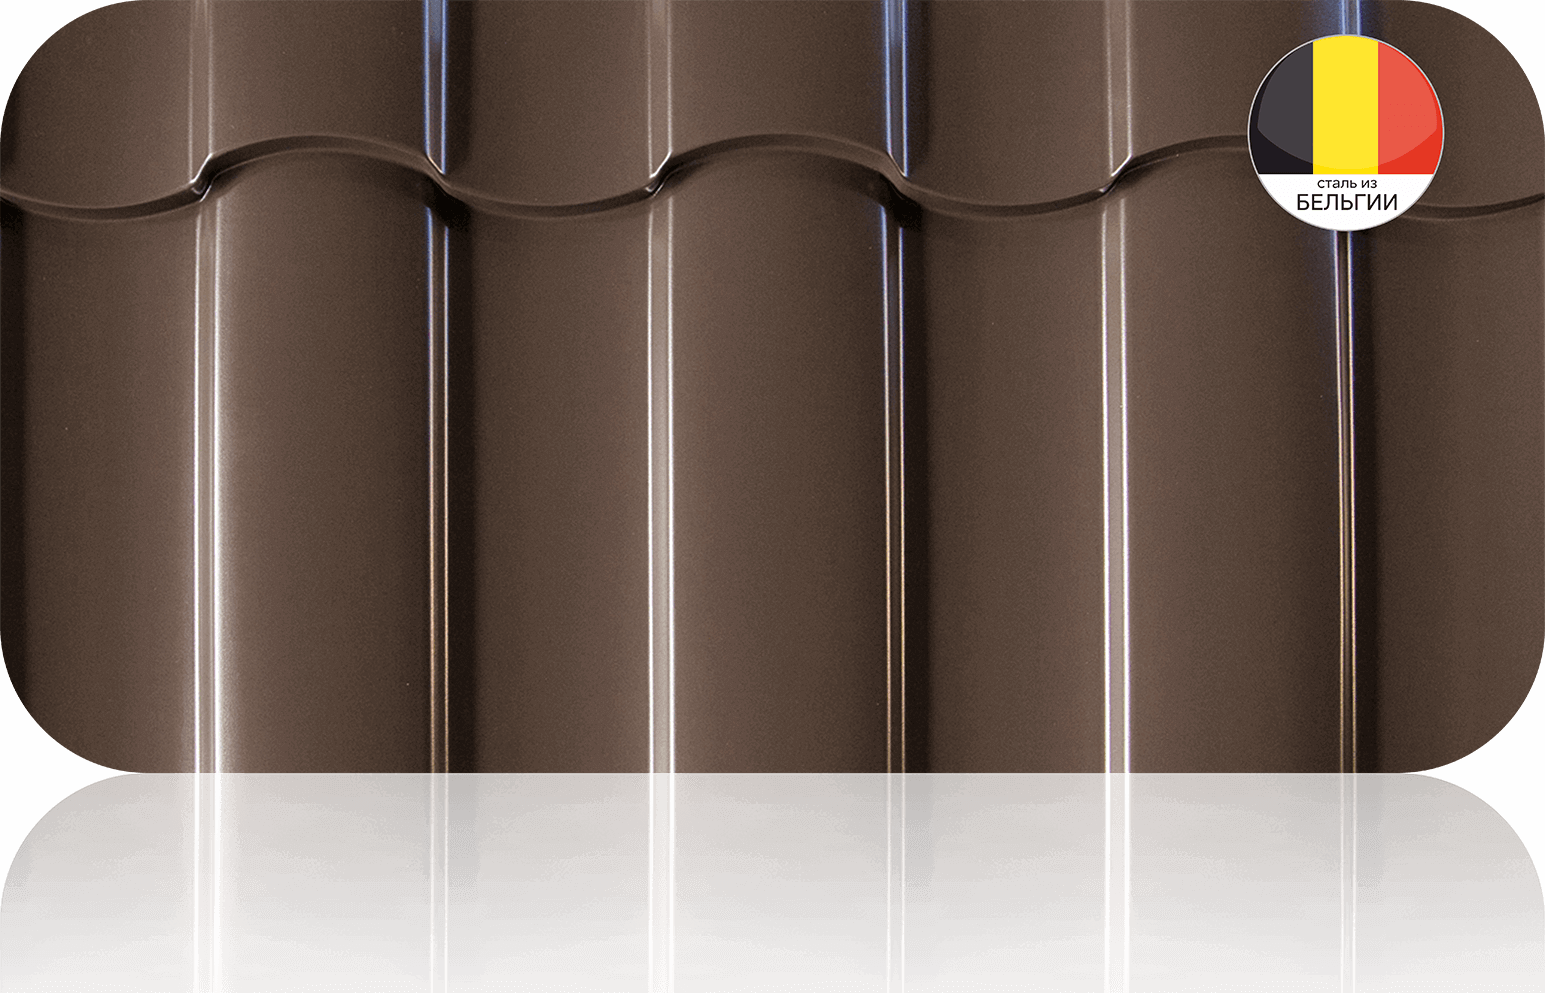 М/черепица 0,50 мм, матовое покрытие Quarzit Lite 25 микрон, цинк 265 г/м2, гарантия 30 лет